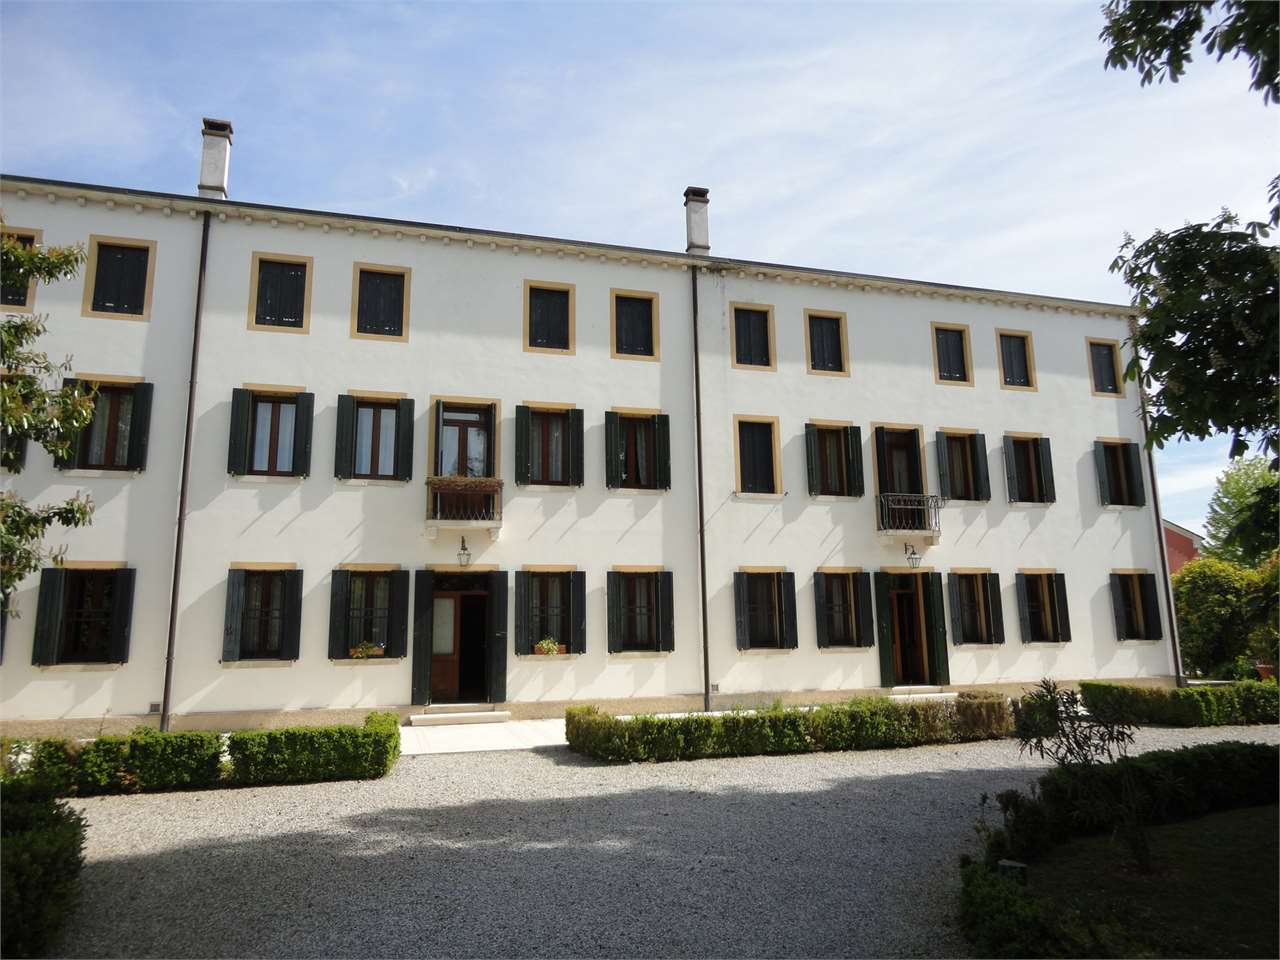 Villa in vendita a Pordenone, 18 locali, Trattative riservate | Cambio Casa.it